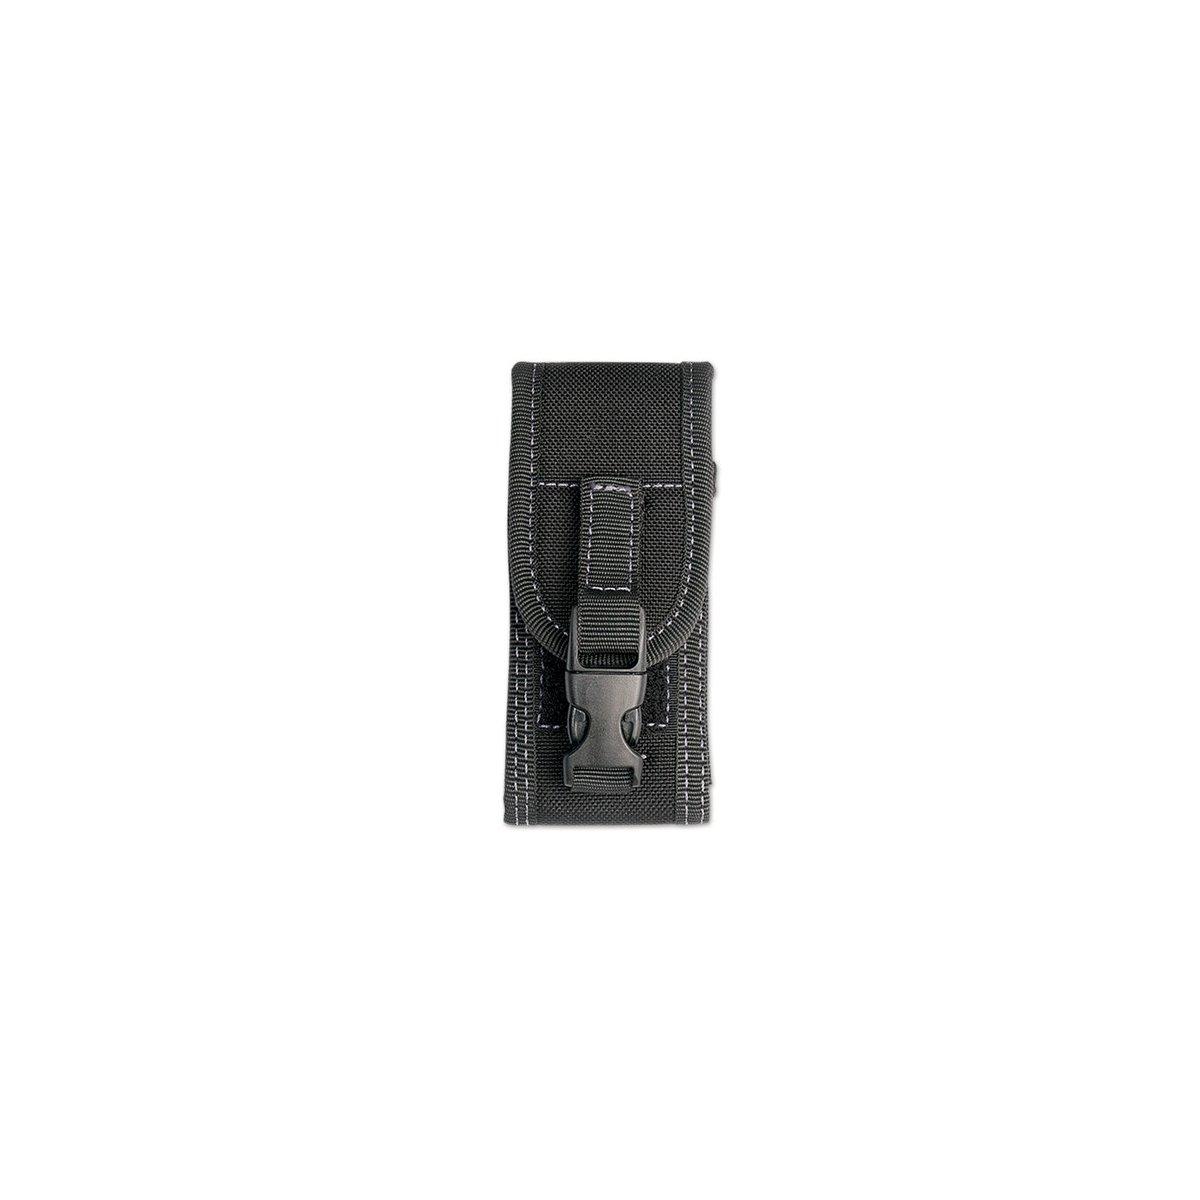 Electropolis Navaja Supervivencia 10 cm MT-4 Cudeman 384-B, Mango micarta, incorpora Funda, para Uso Deportivo, Herramienta Camping Pesca, Caza, ...